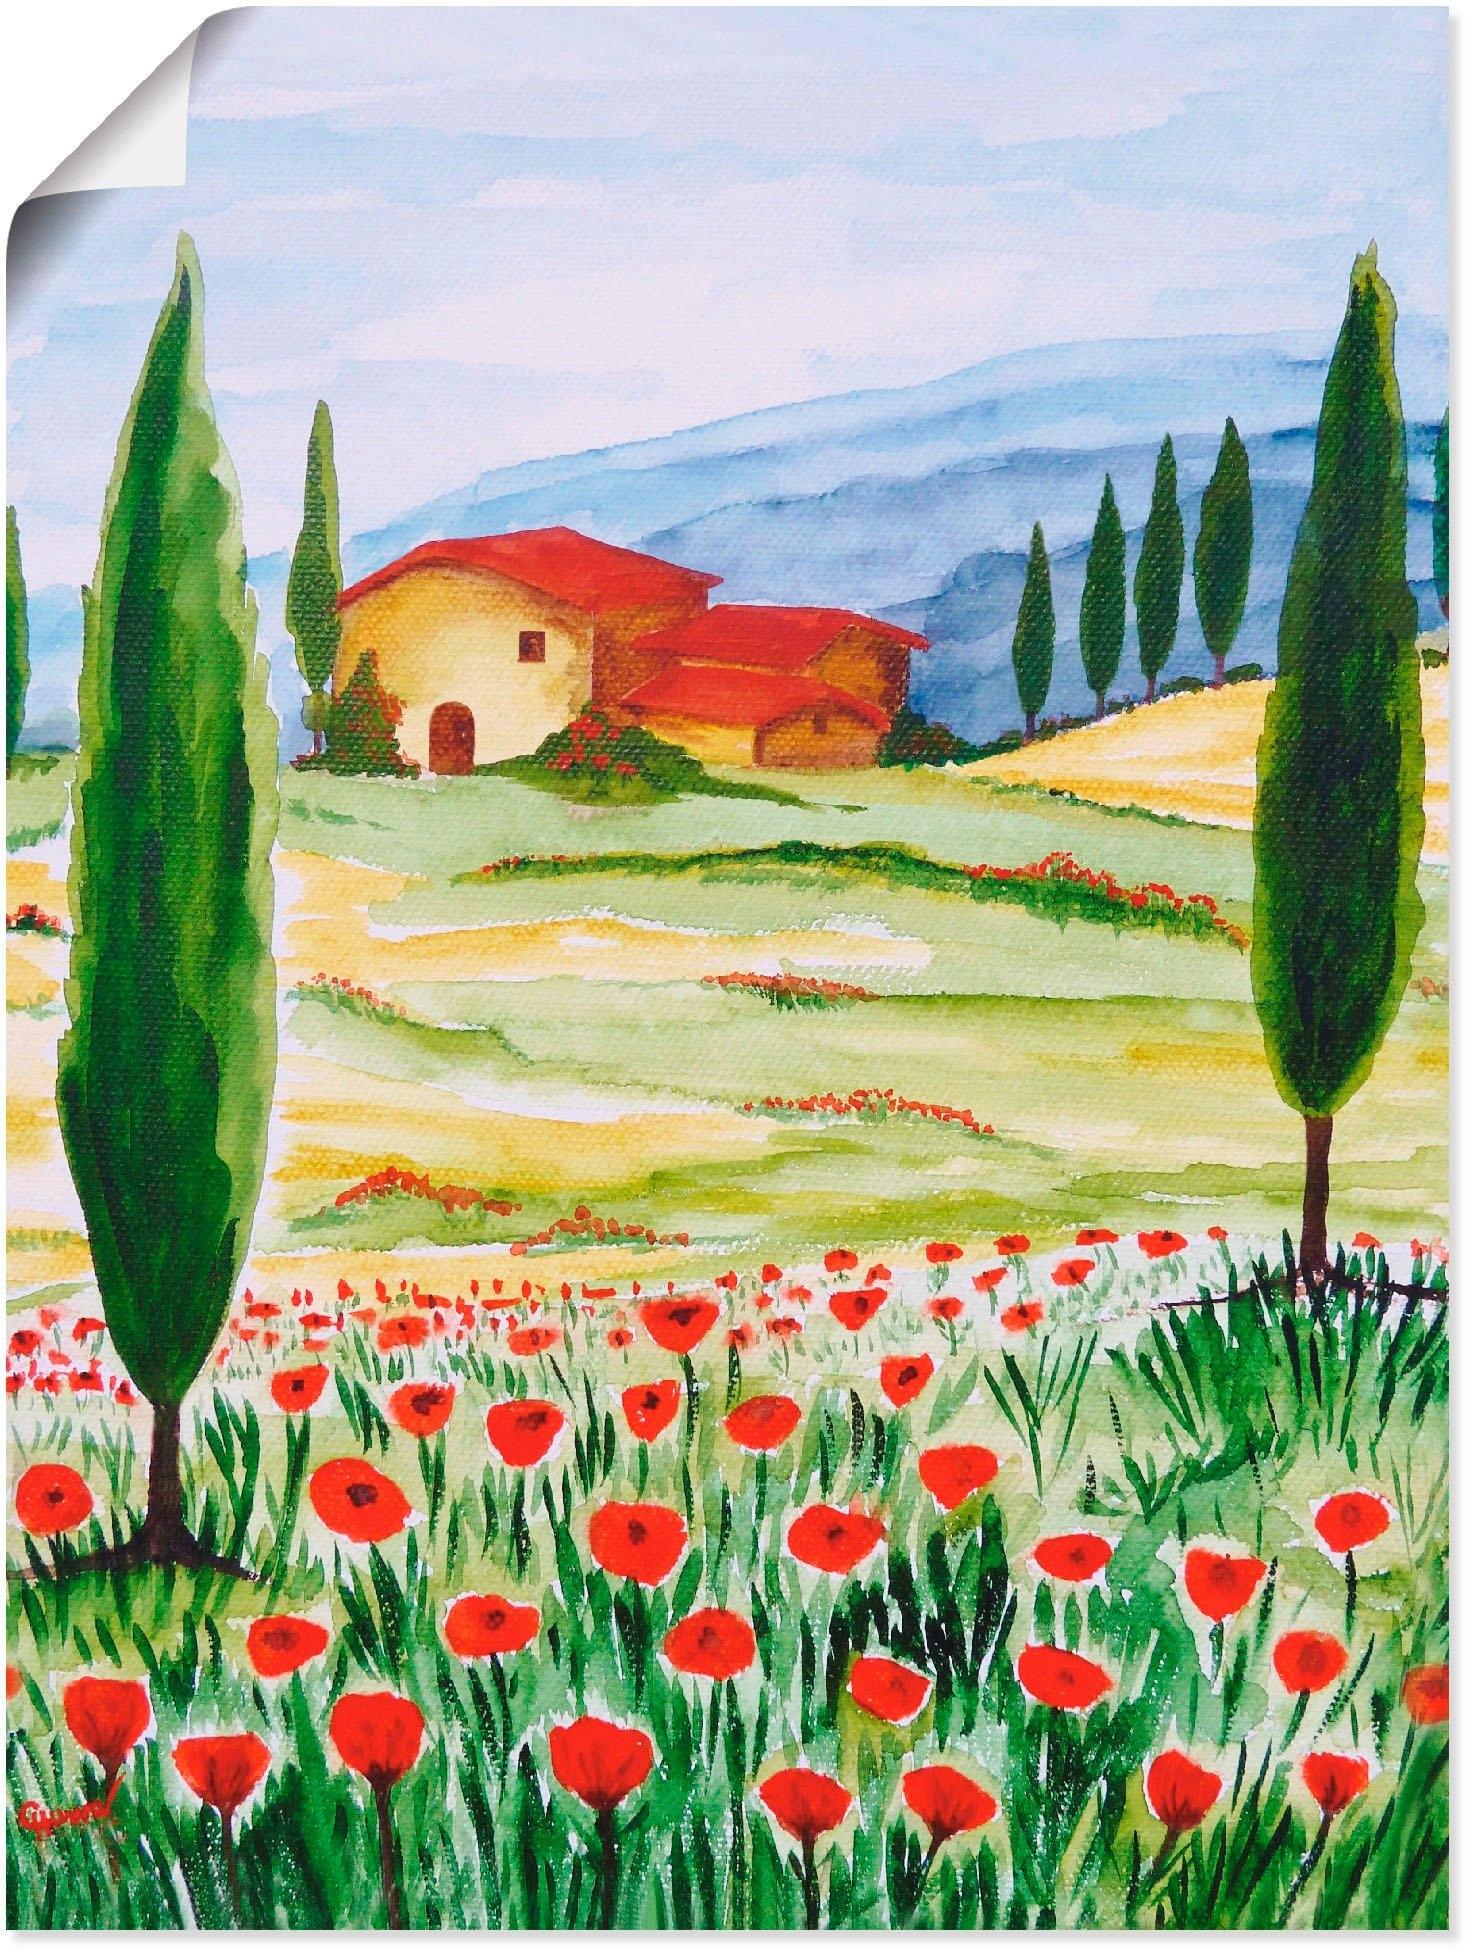 Artland artprint Bloeiende papaver in Toscane in vele afmetingen & productsoorten -artprint op linnen, poster, muursticker / wandfolie ook geschikt voor de badkamer (1 stuk) bij OTTO online kopen